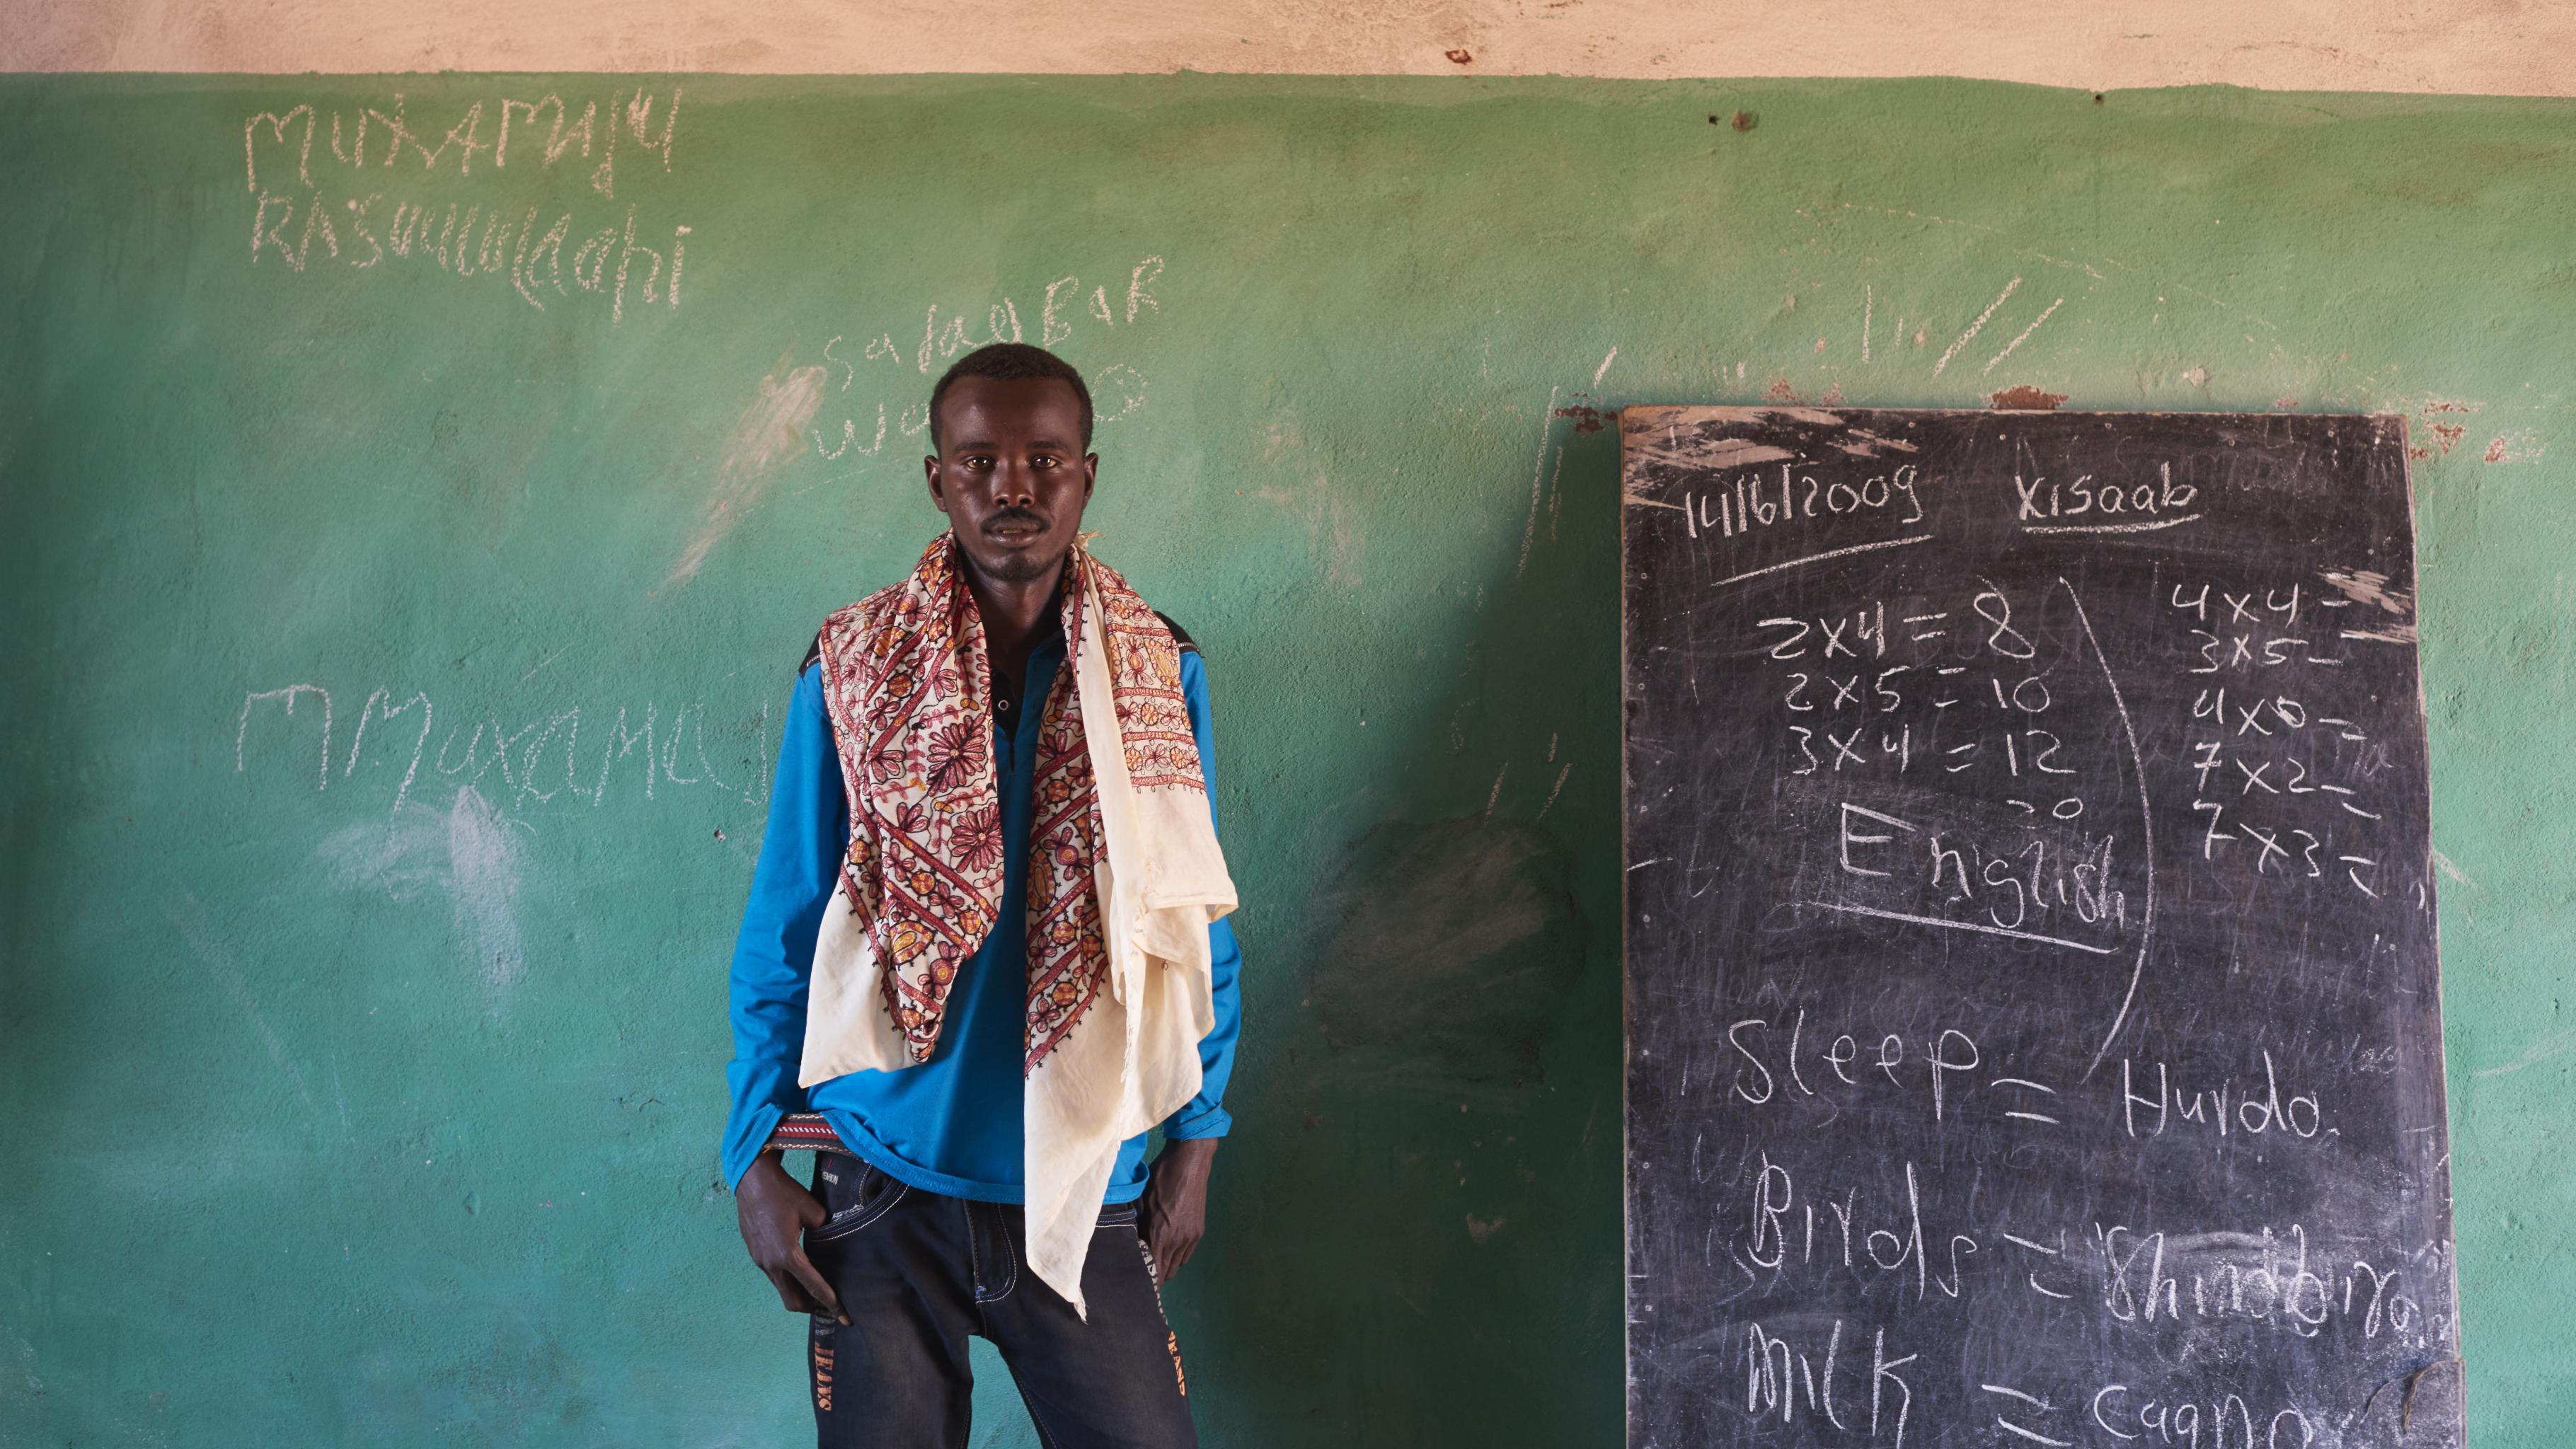 hungerkrise Ostafrika: Ein Mann steht in einem leeren, kargem Klassenzimmer neben einer Tafel